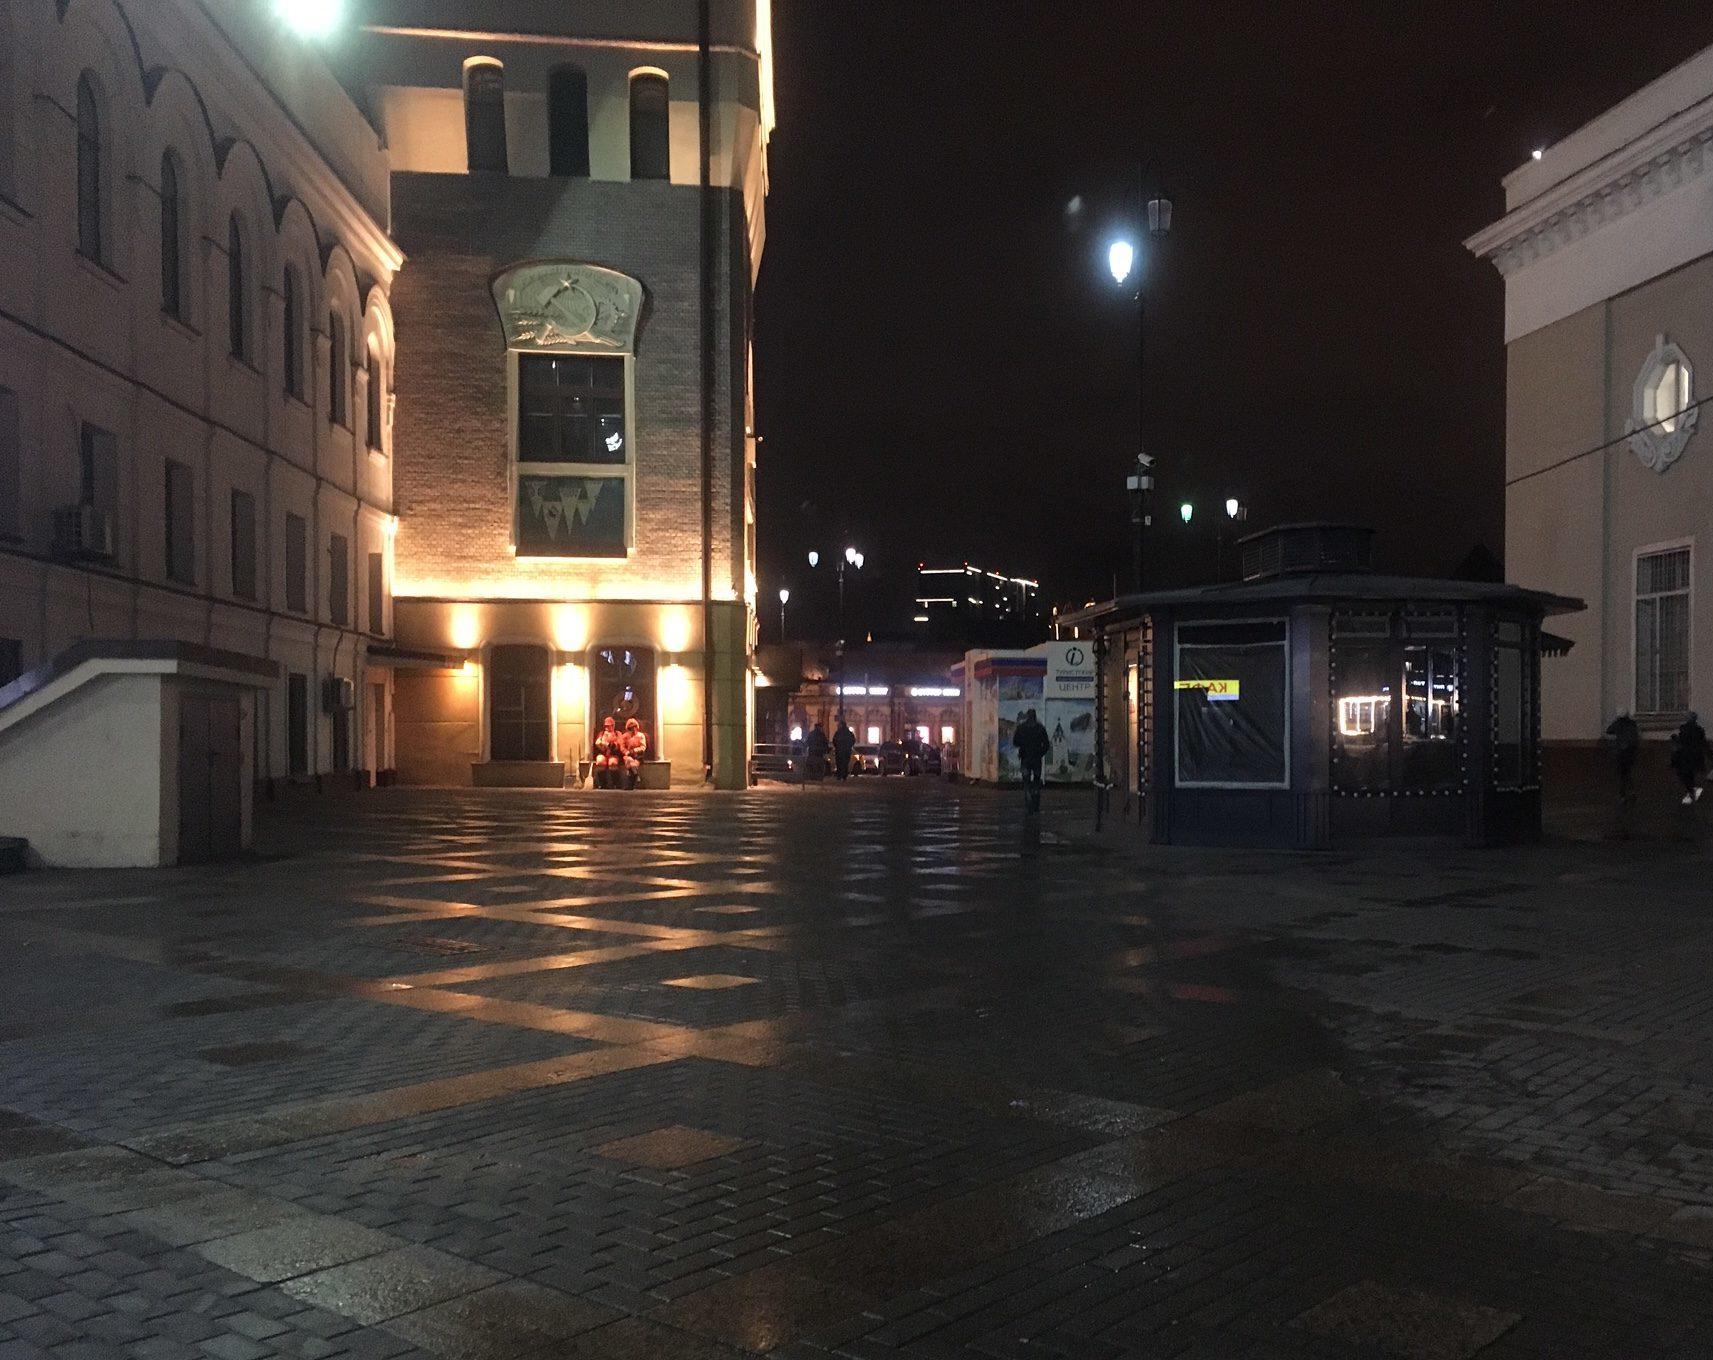 Waiting by Yaraslavskiy Station